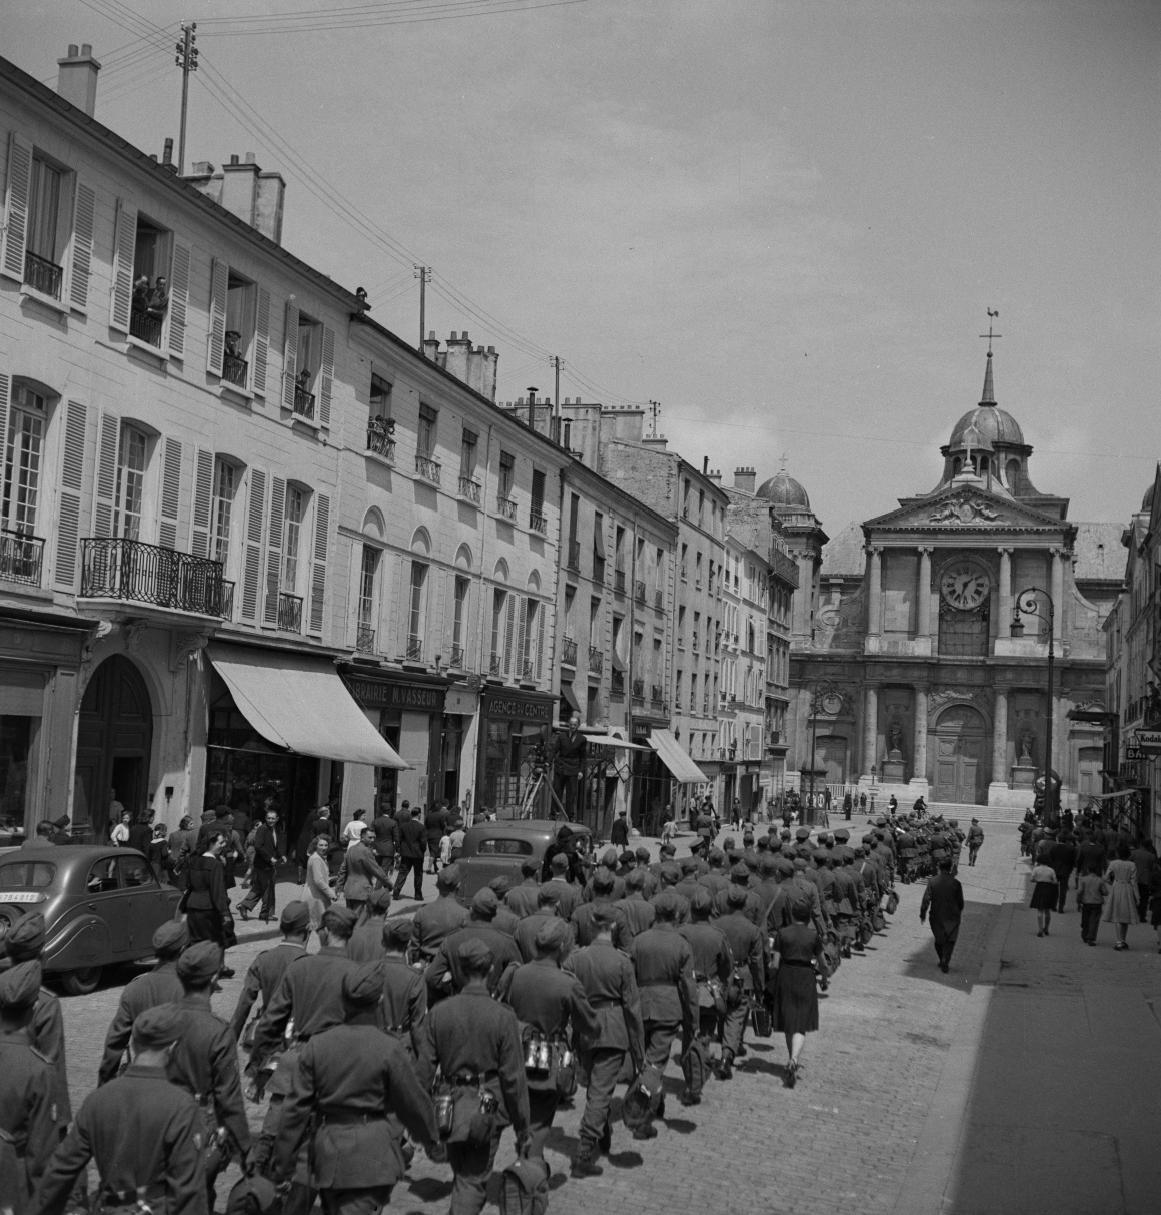 36. Легионеры проходят колонной к вокзалу по городским улицам